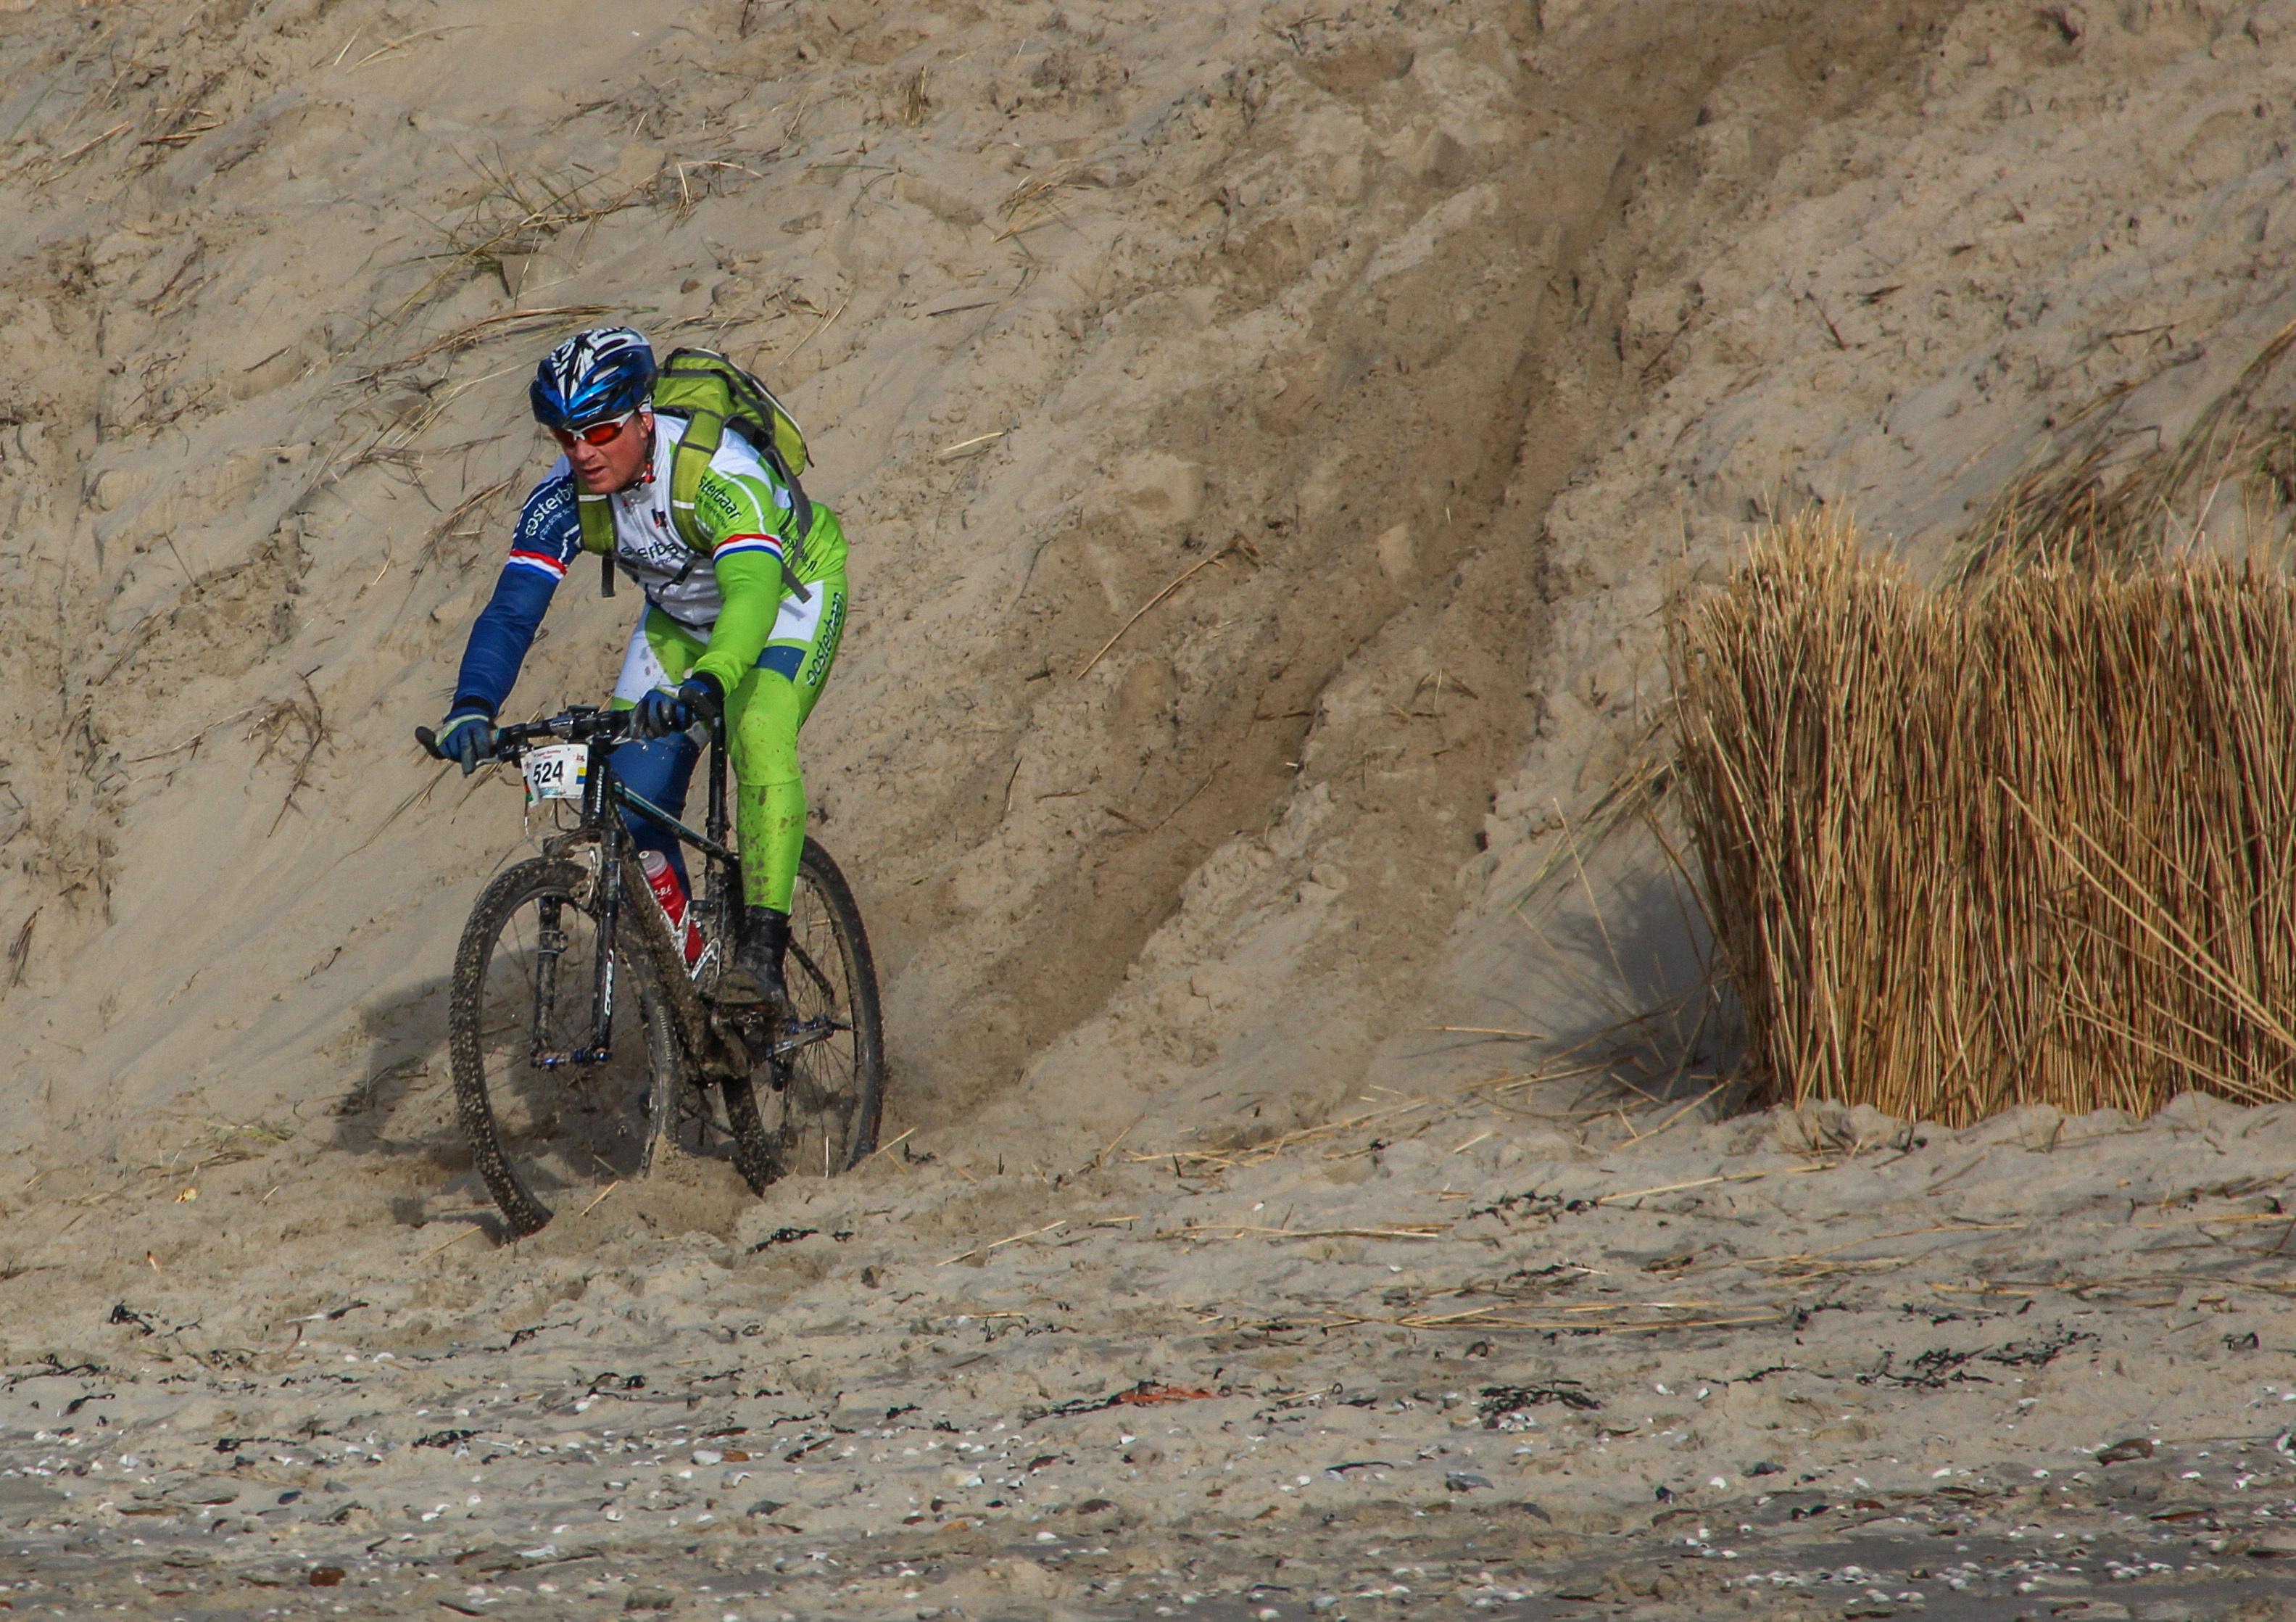 Mountainbiken door de duinen VVV Texel Mary Stomph